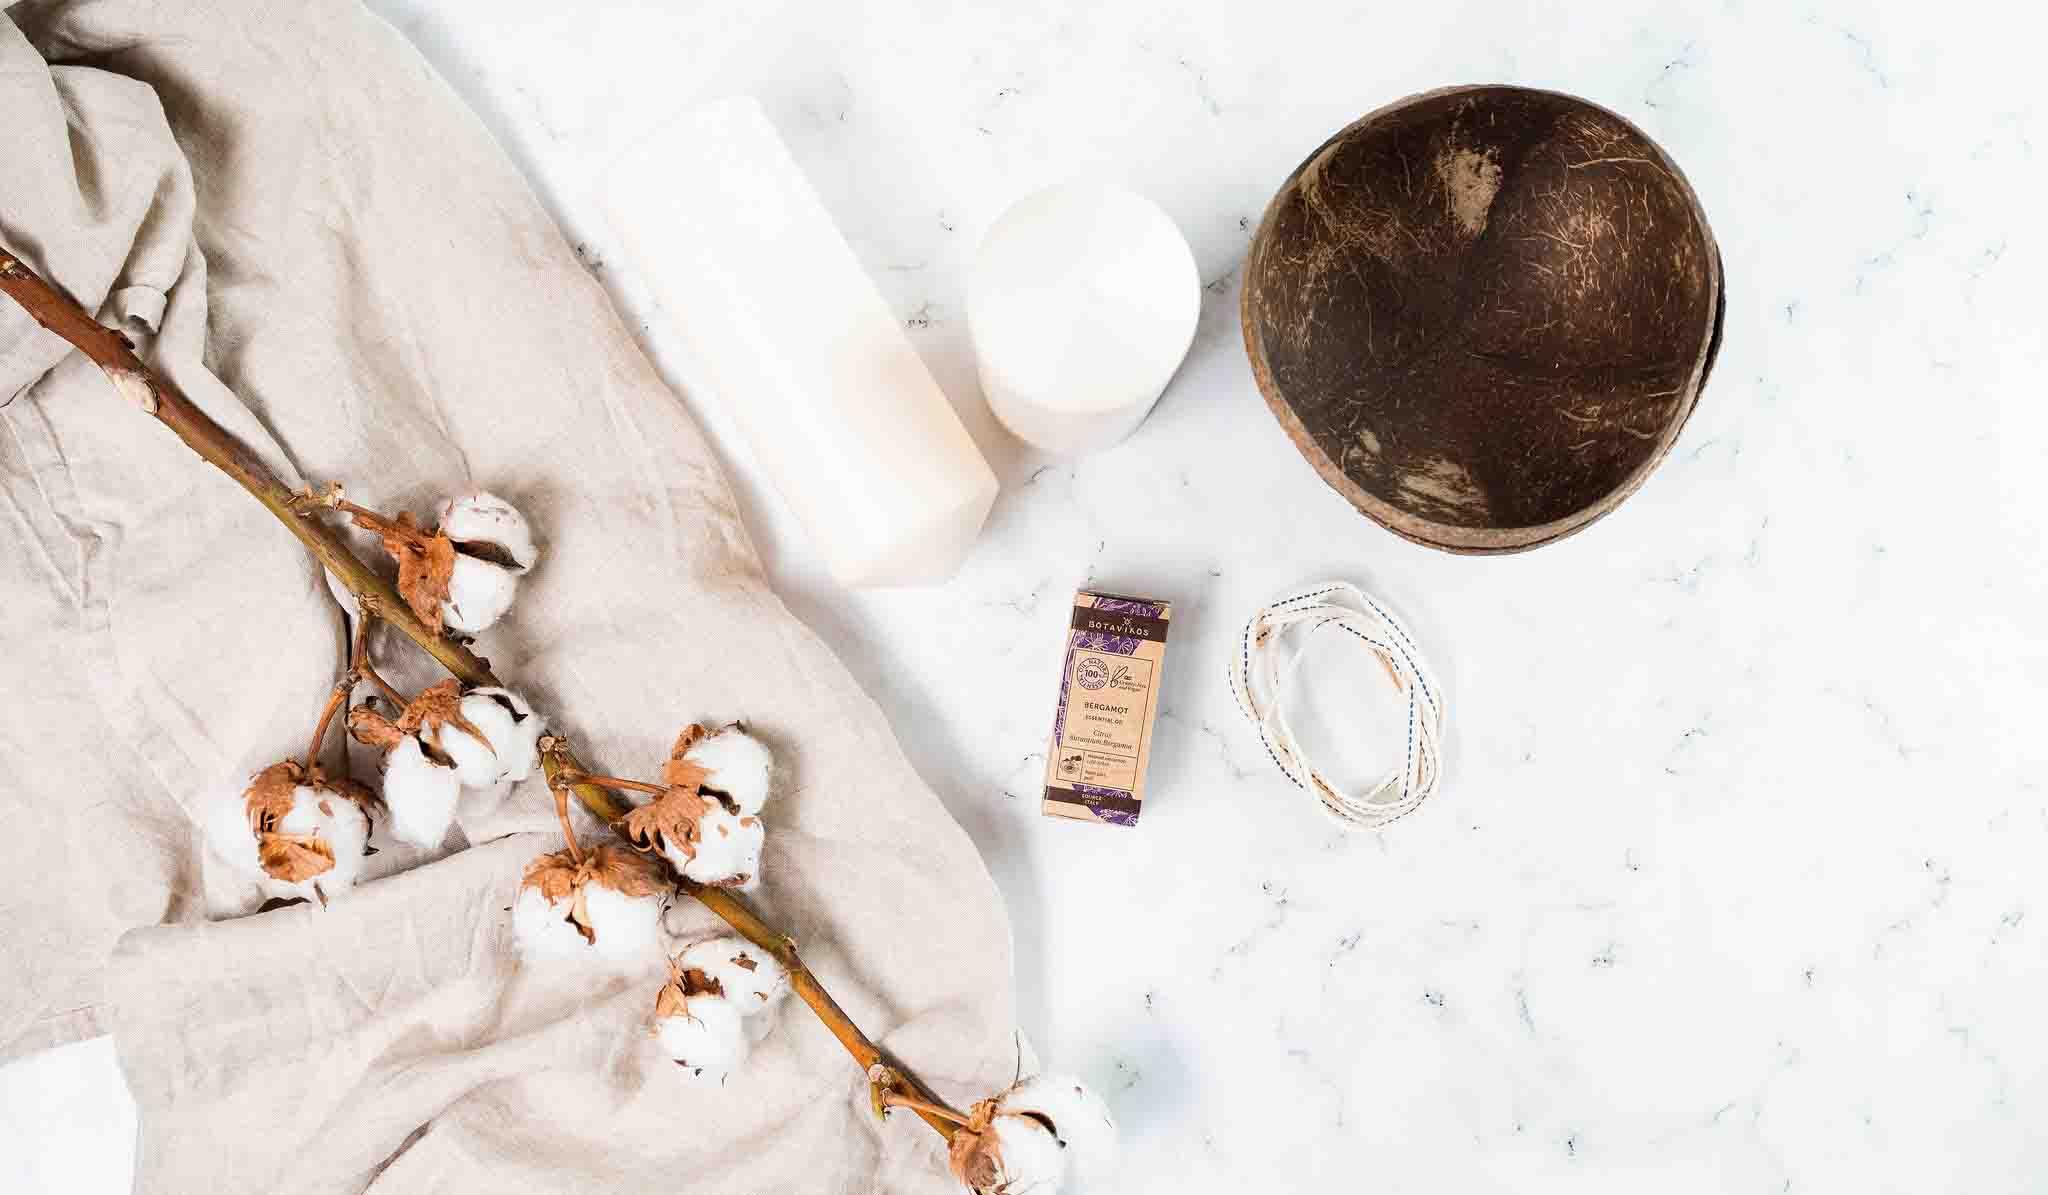 Daruj svým blízkým originální handmade dárky! - část 2.